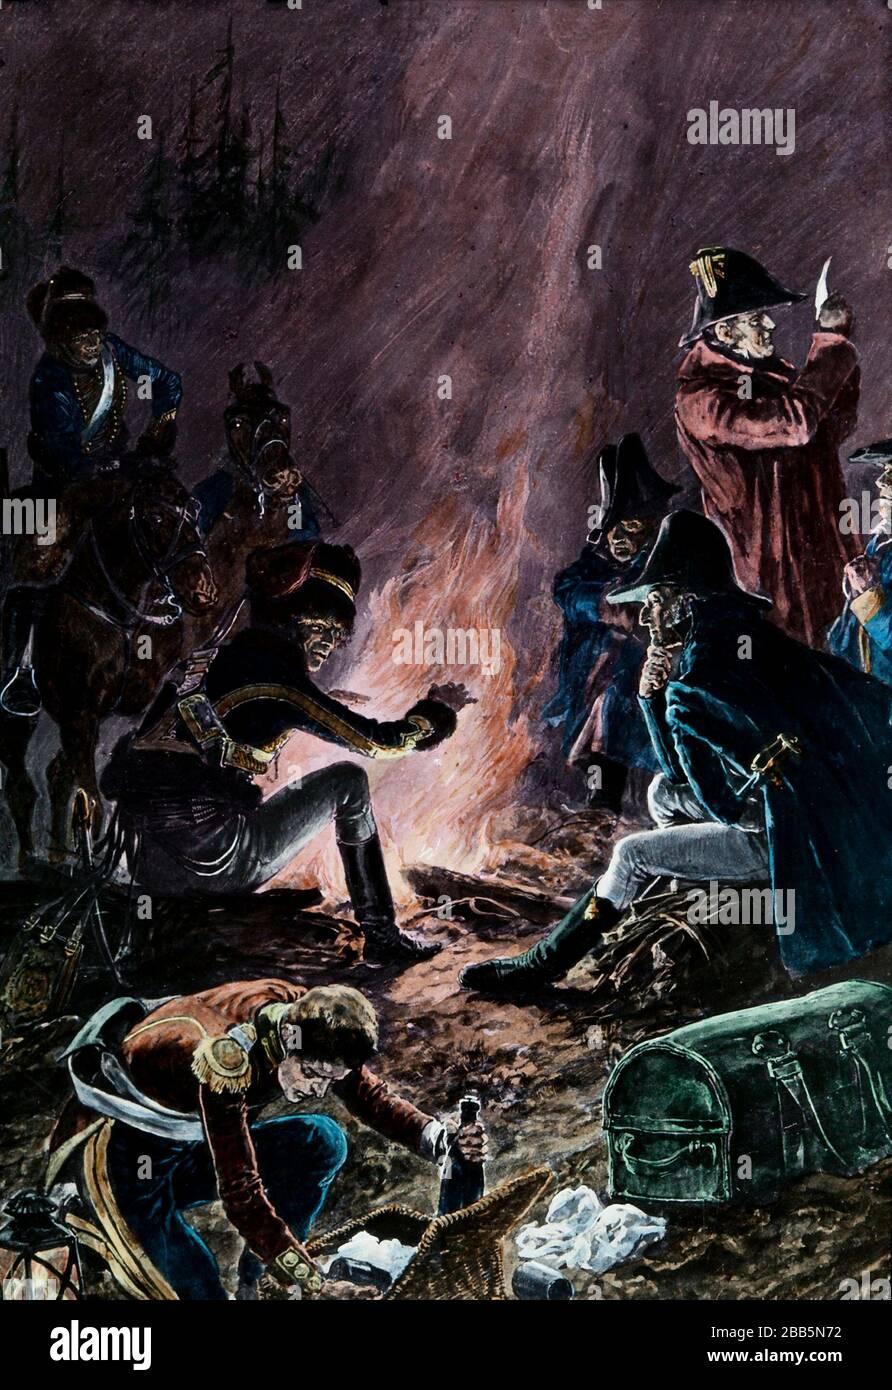 Ilustraciones de animación de campañas militares inglesas y francesas y escenarios de guerra alrededor de 1800 para incluir la Revolución Francesa y las guerras napoleónicas. Estas ilustraciones fueron creadas alrededor de 1900 Foto de stock